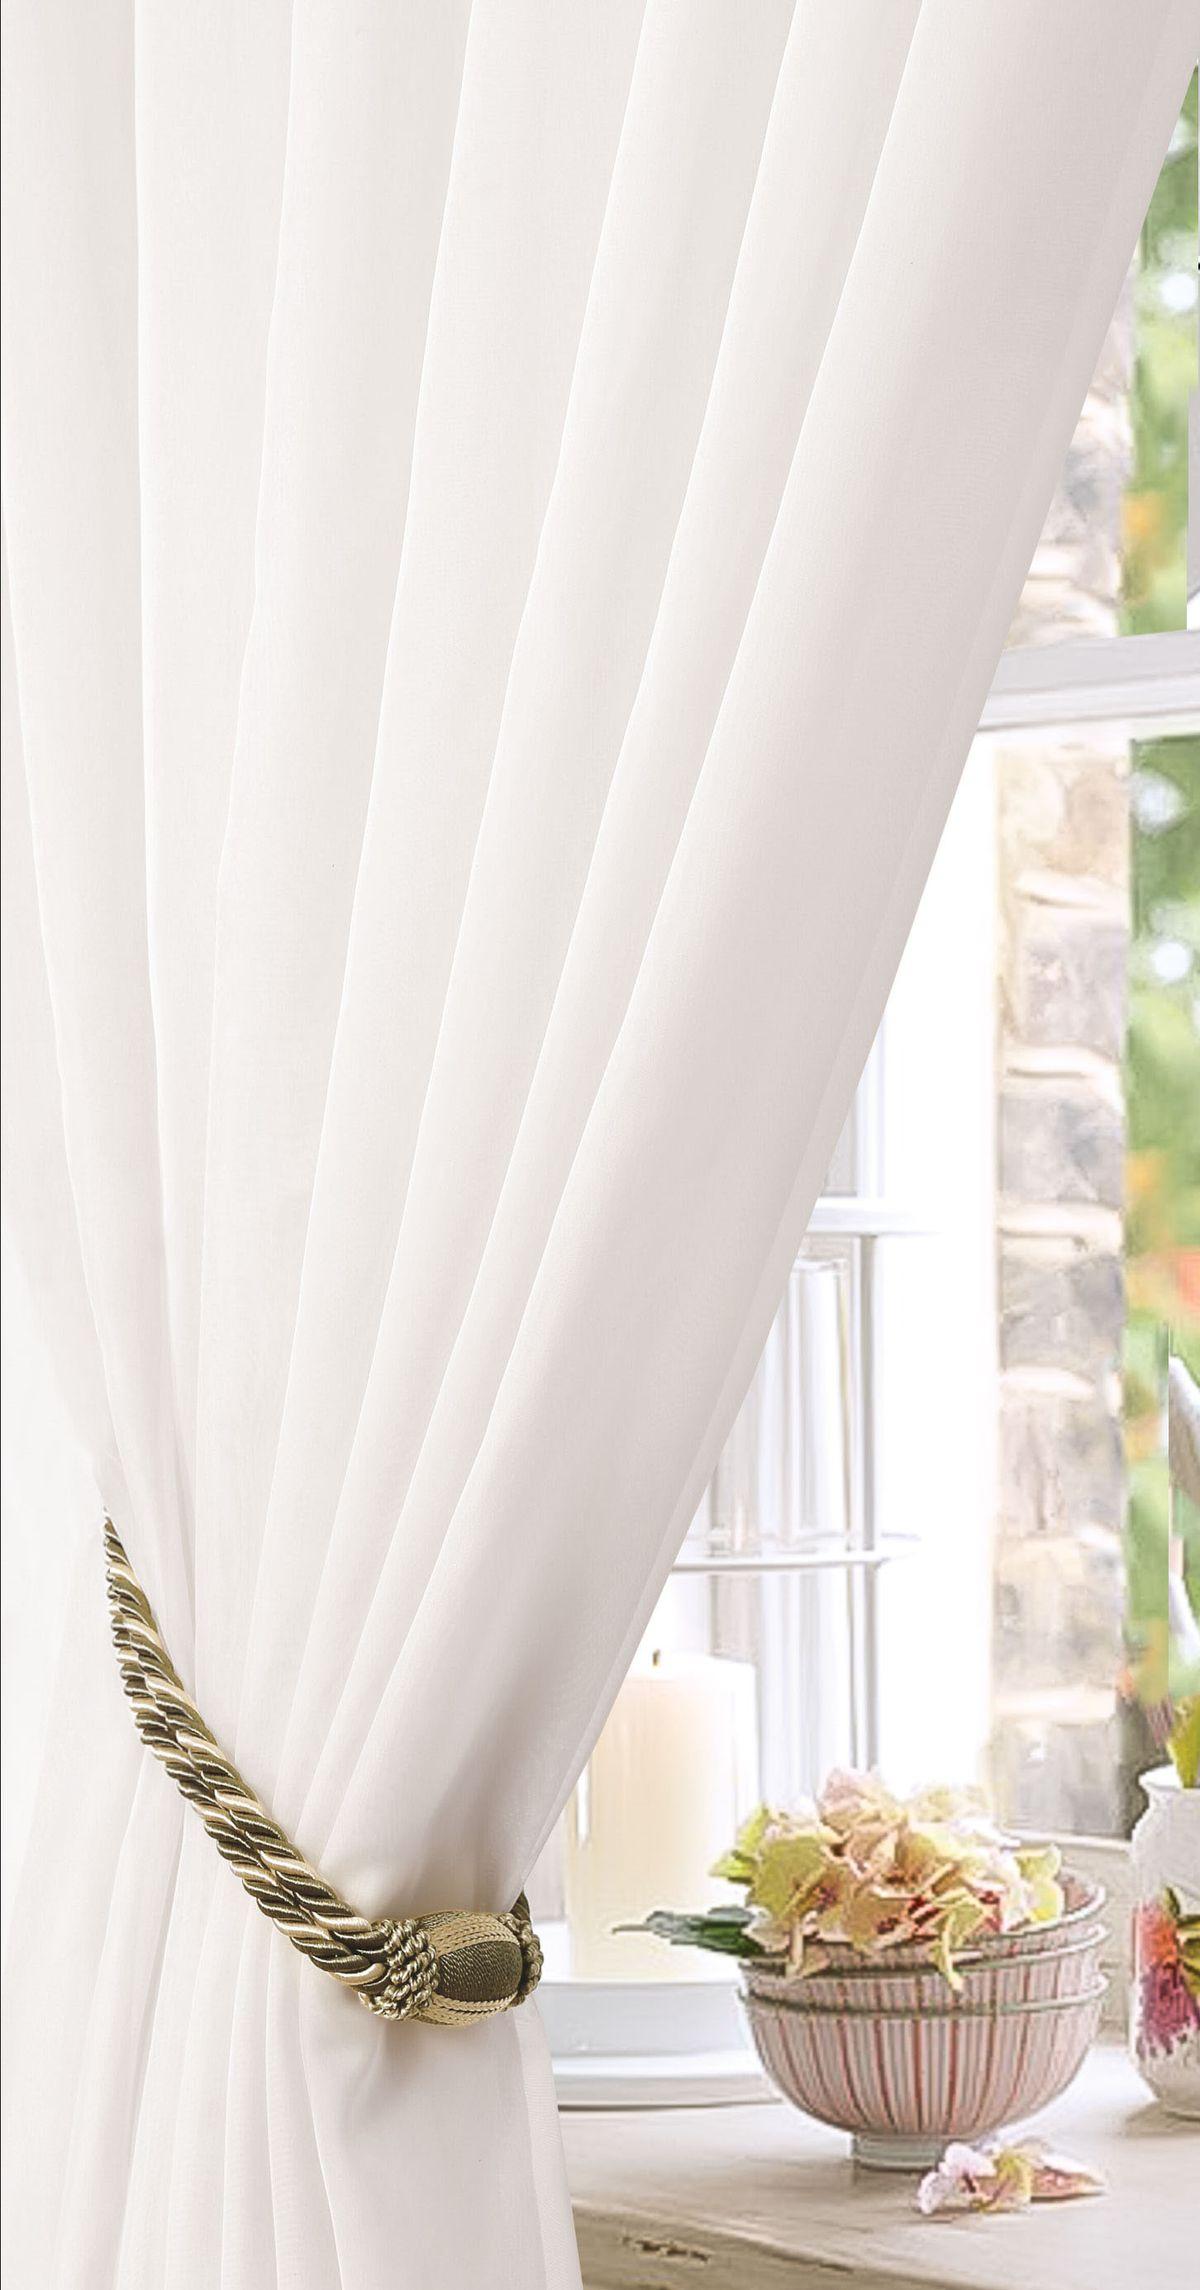 Штора Garden, на ленте, цвет: белый, высота 270 см. С W191 450х270 V700001004900000360Изящная штора для гостиной Garden выполнена из полиэстера. Она станет великолепным украшением любого окна. Воздушная ткань и приятная текстура создаст неповторимую атмосферу в вашем доме. Штора крепится на карниз при помощи ленты, которая поможет красиво и равномерно задрапировать верх.